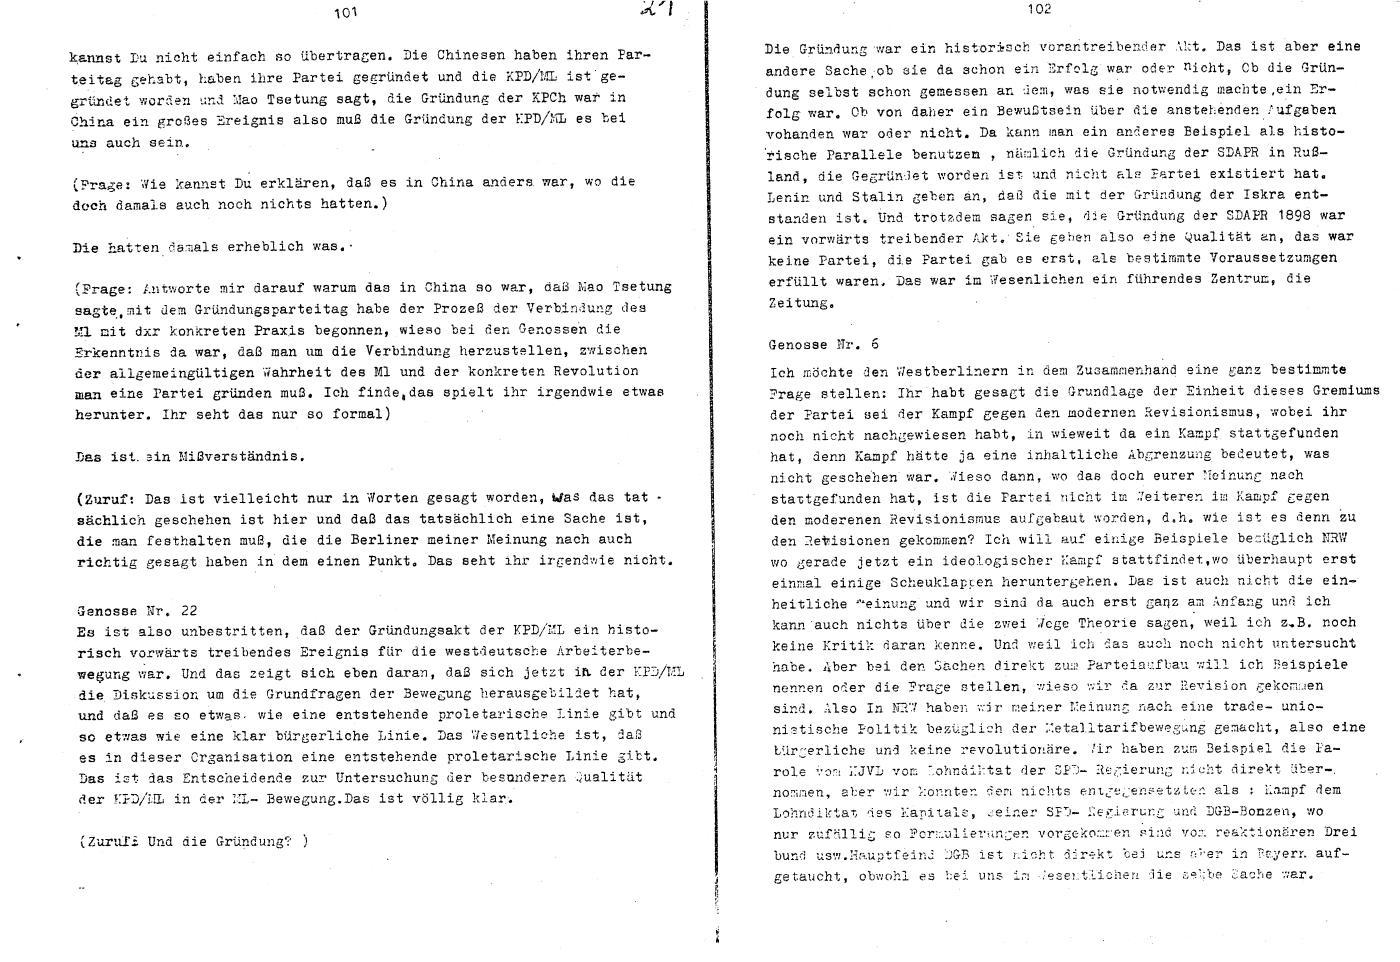 KPDML_1971_Wortprotokolle_aoPt_040